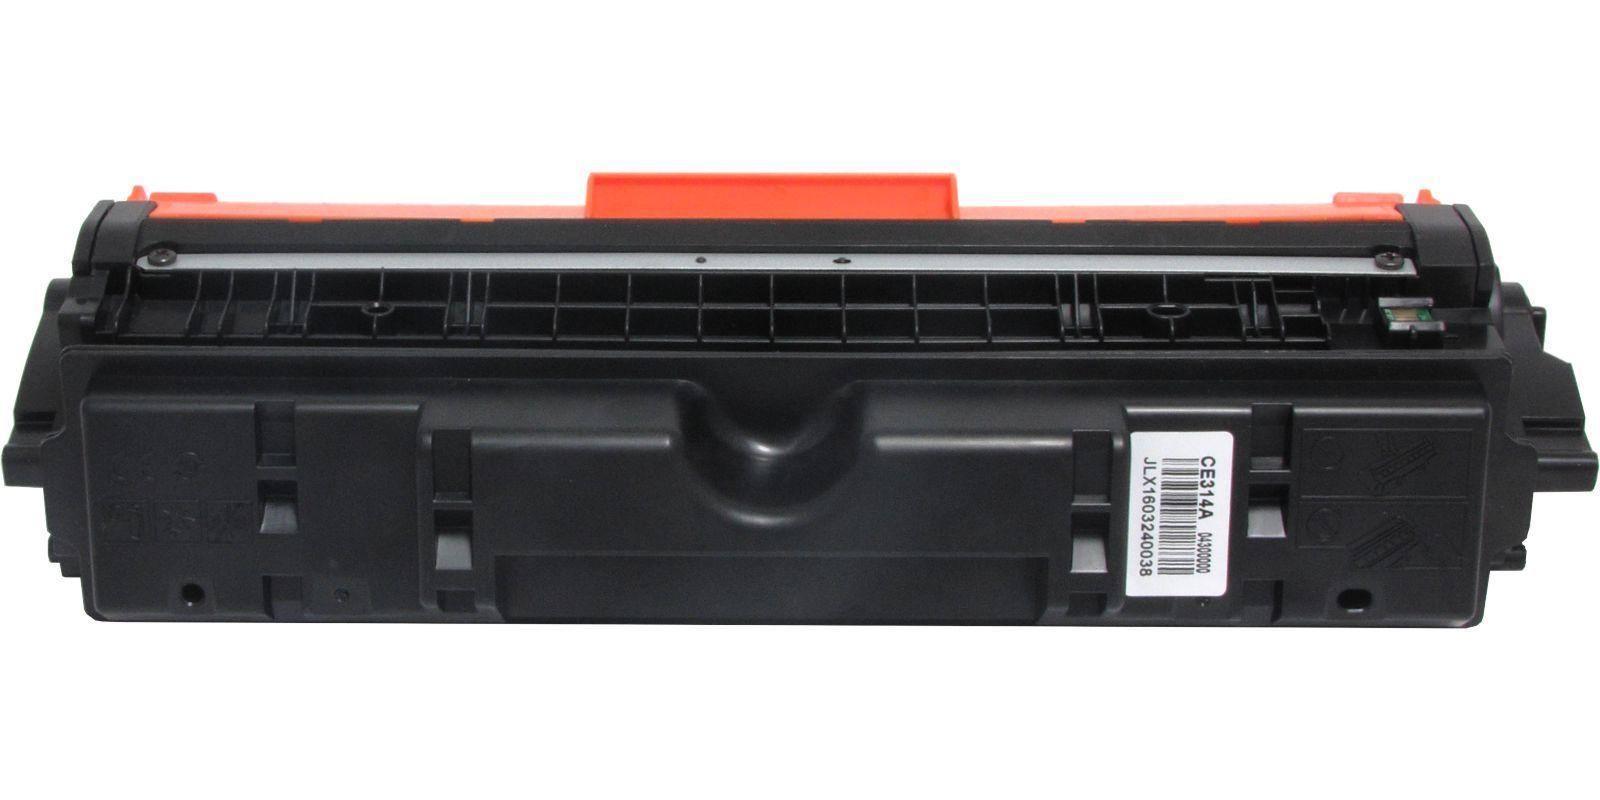 Картридж лазерный цветной MAK© 126A CE314A барабан передачи изображений, до 7000 цв. стр., до 14 000 ч/б стр.